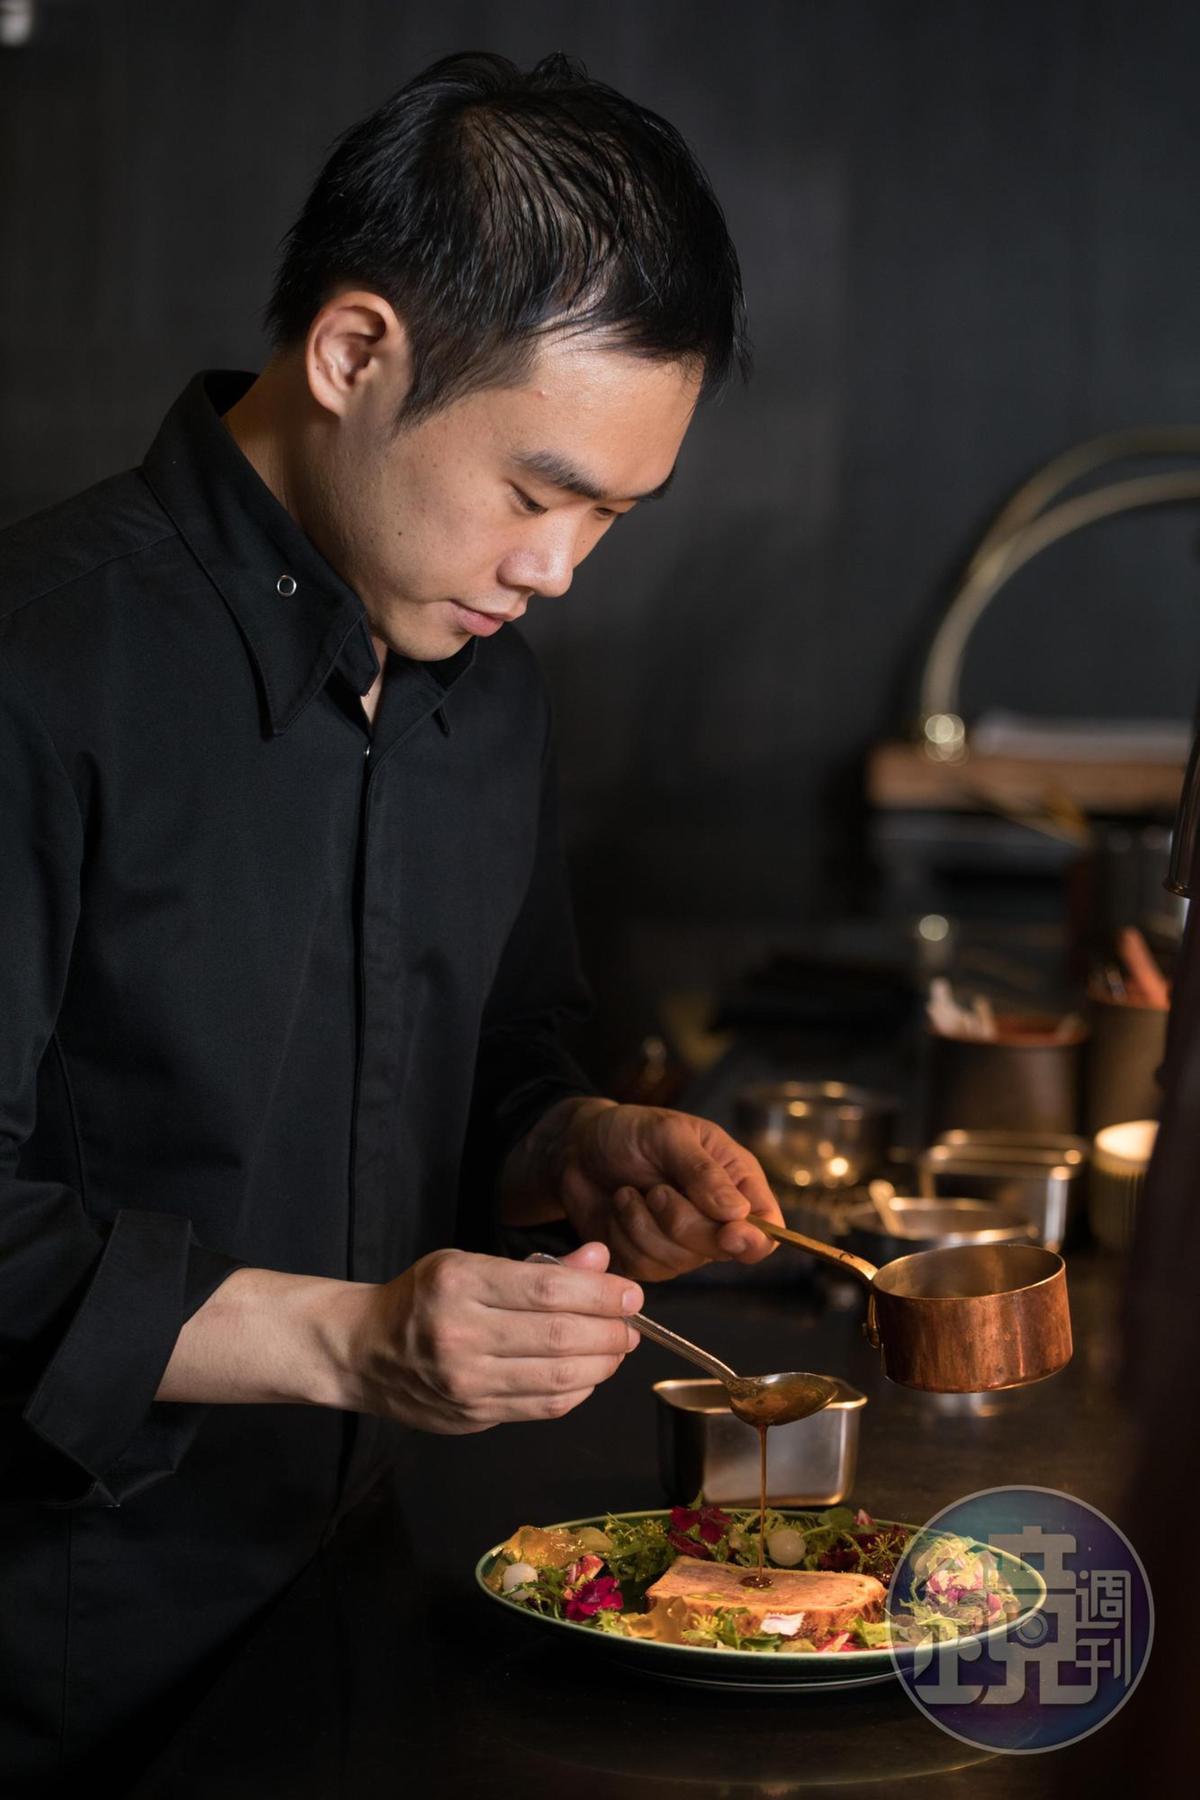 「L'ARÔME 法式餐廳」主廚方柏儼設計菜單先思考蔬菜的滋味。